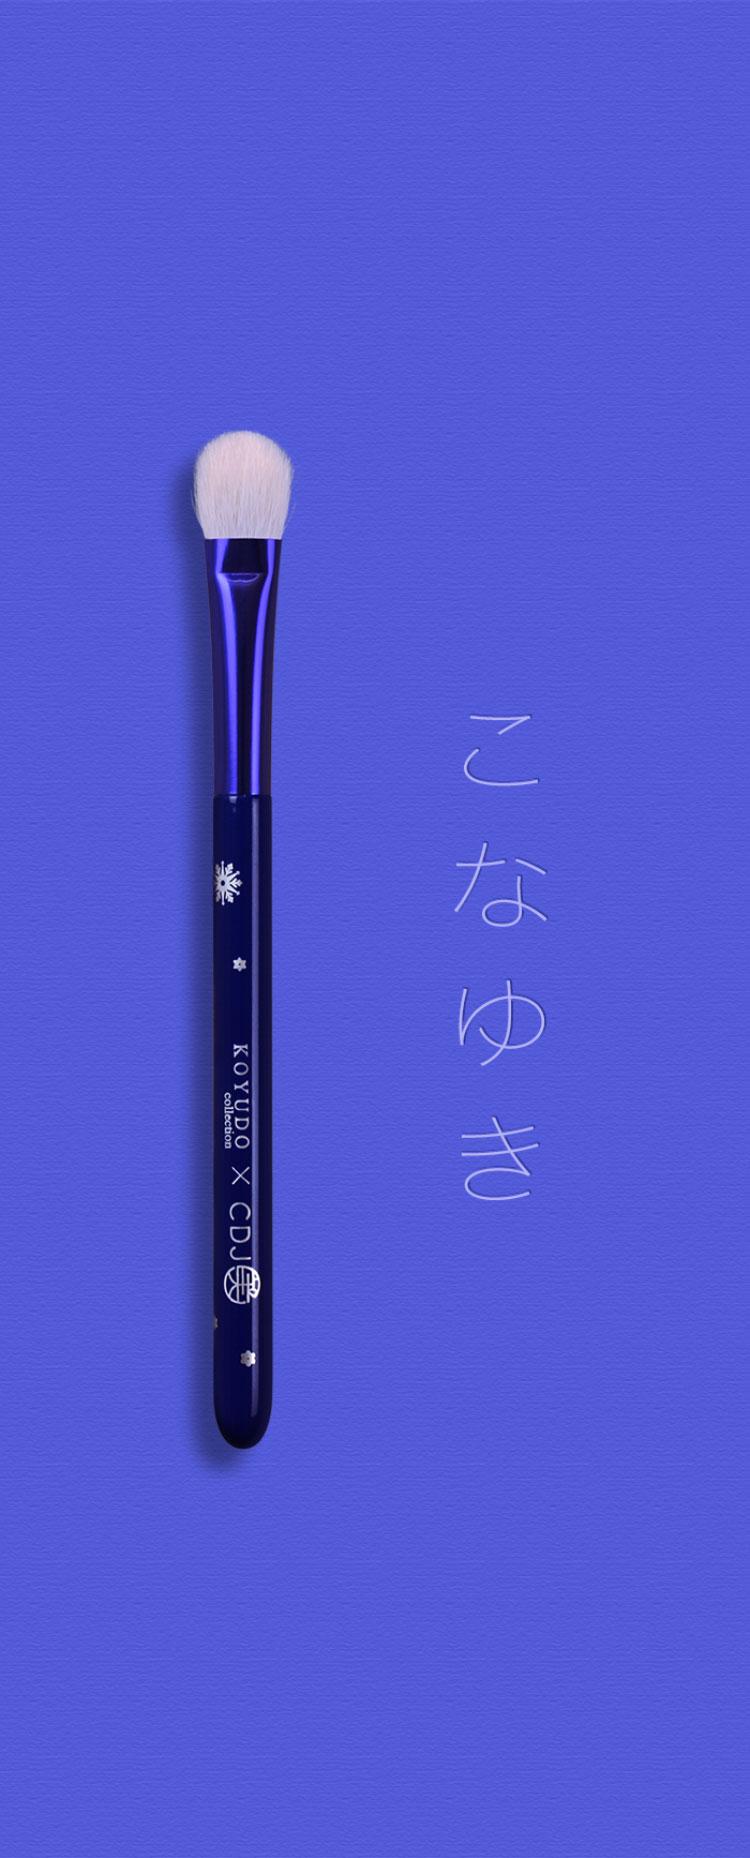 KY-02 Eyeshadow (L) Brush